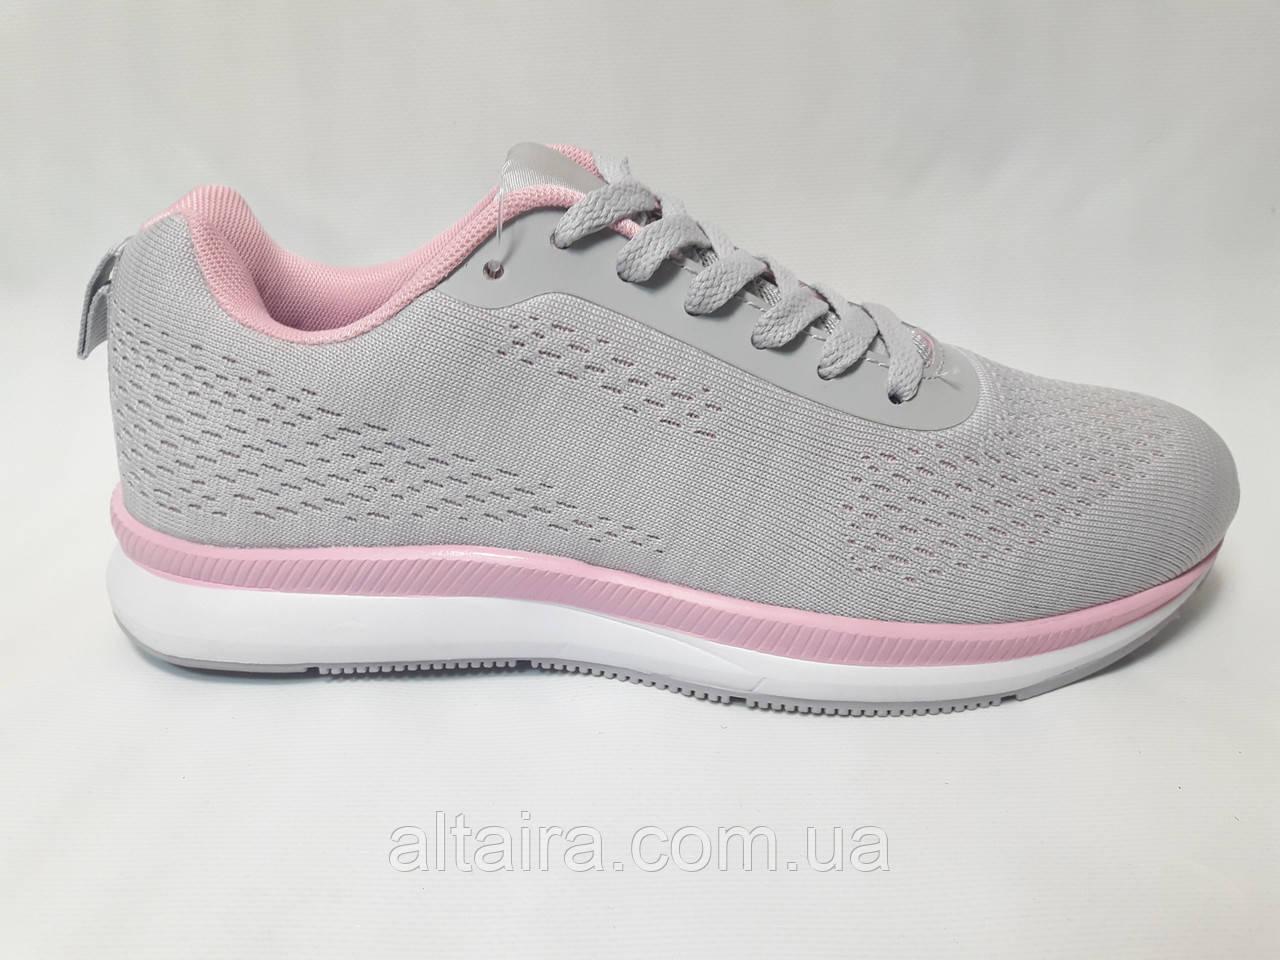 Кросівки жіночі сірі сітка